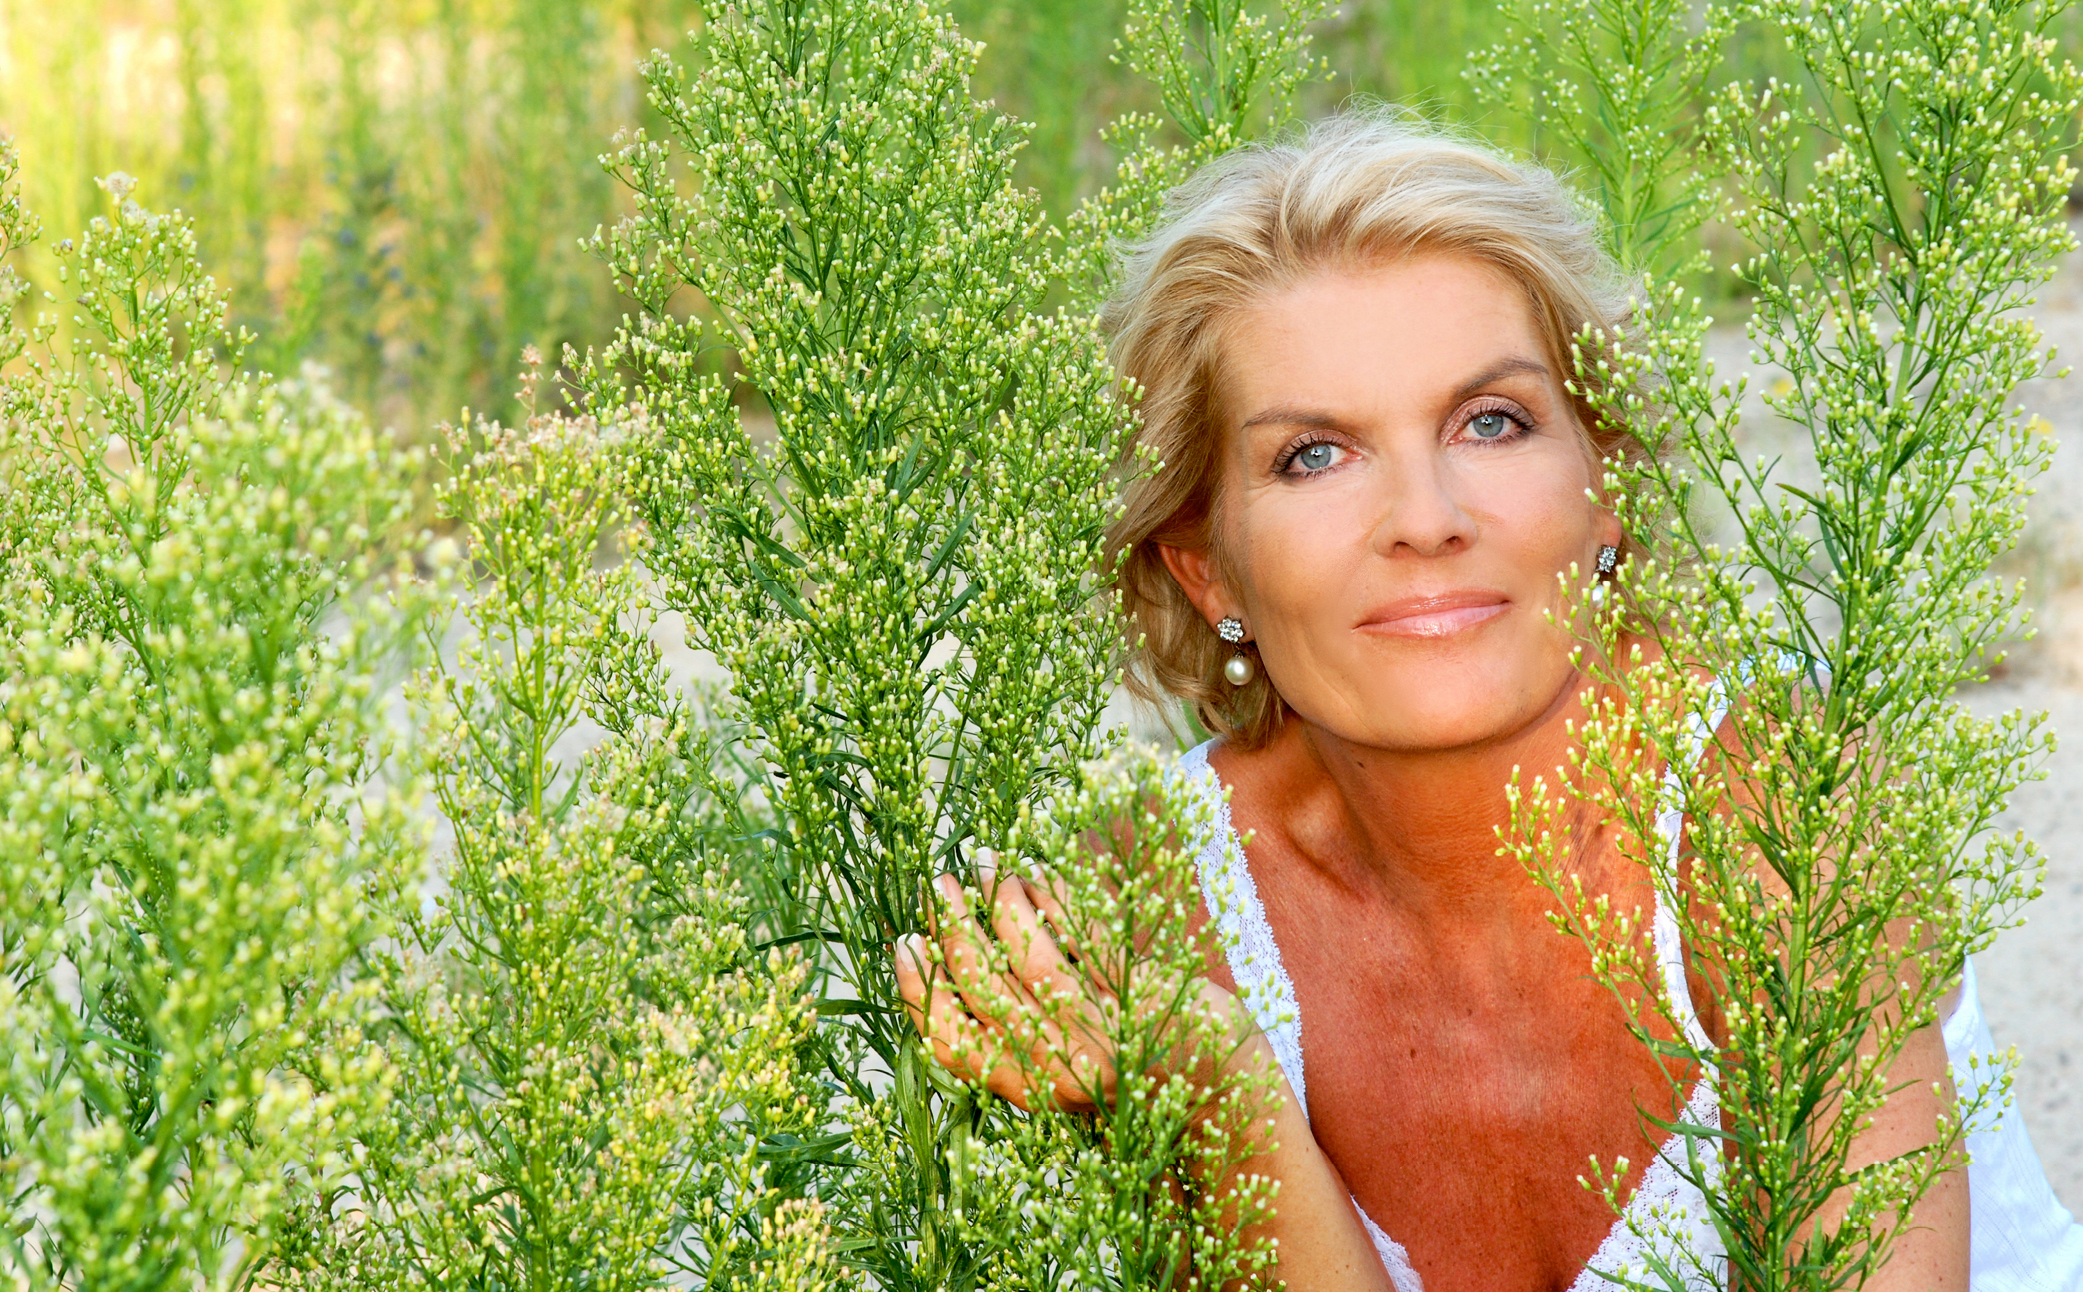 Hier sehen Sie eine Frau mit Pflanzen. - Business Branding - Business Portraits Fotografie Berlin